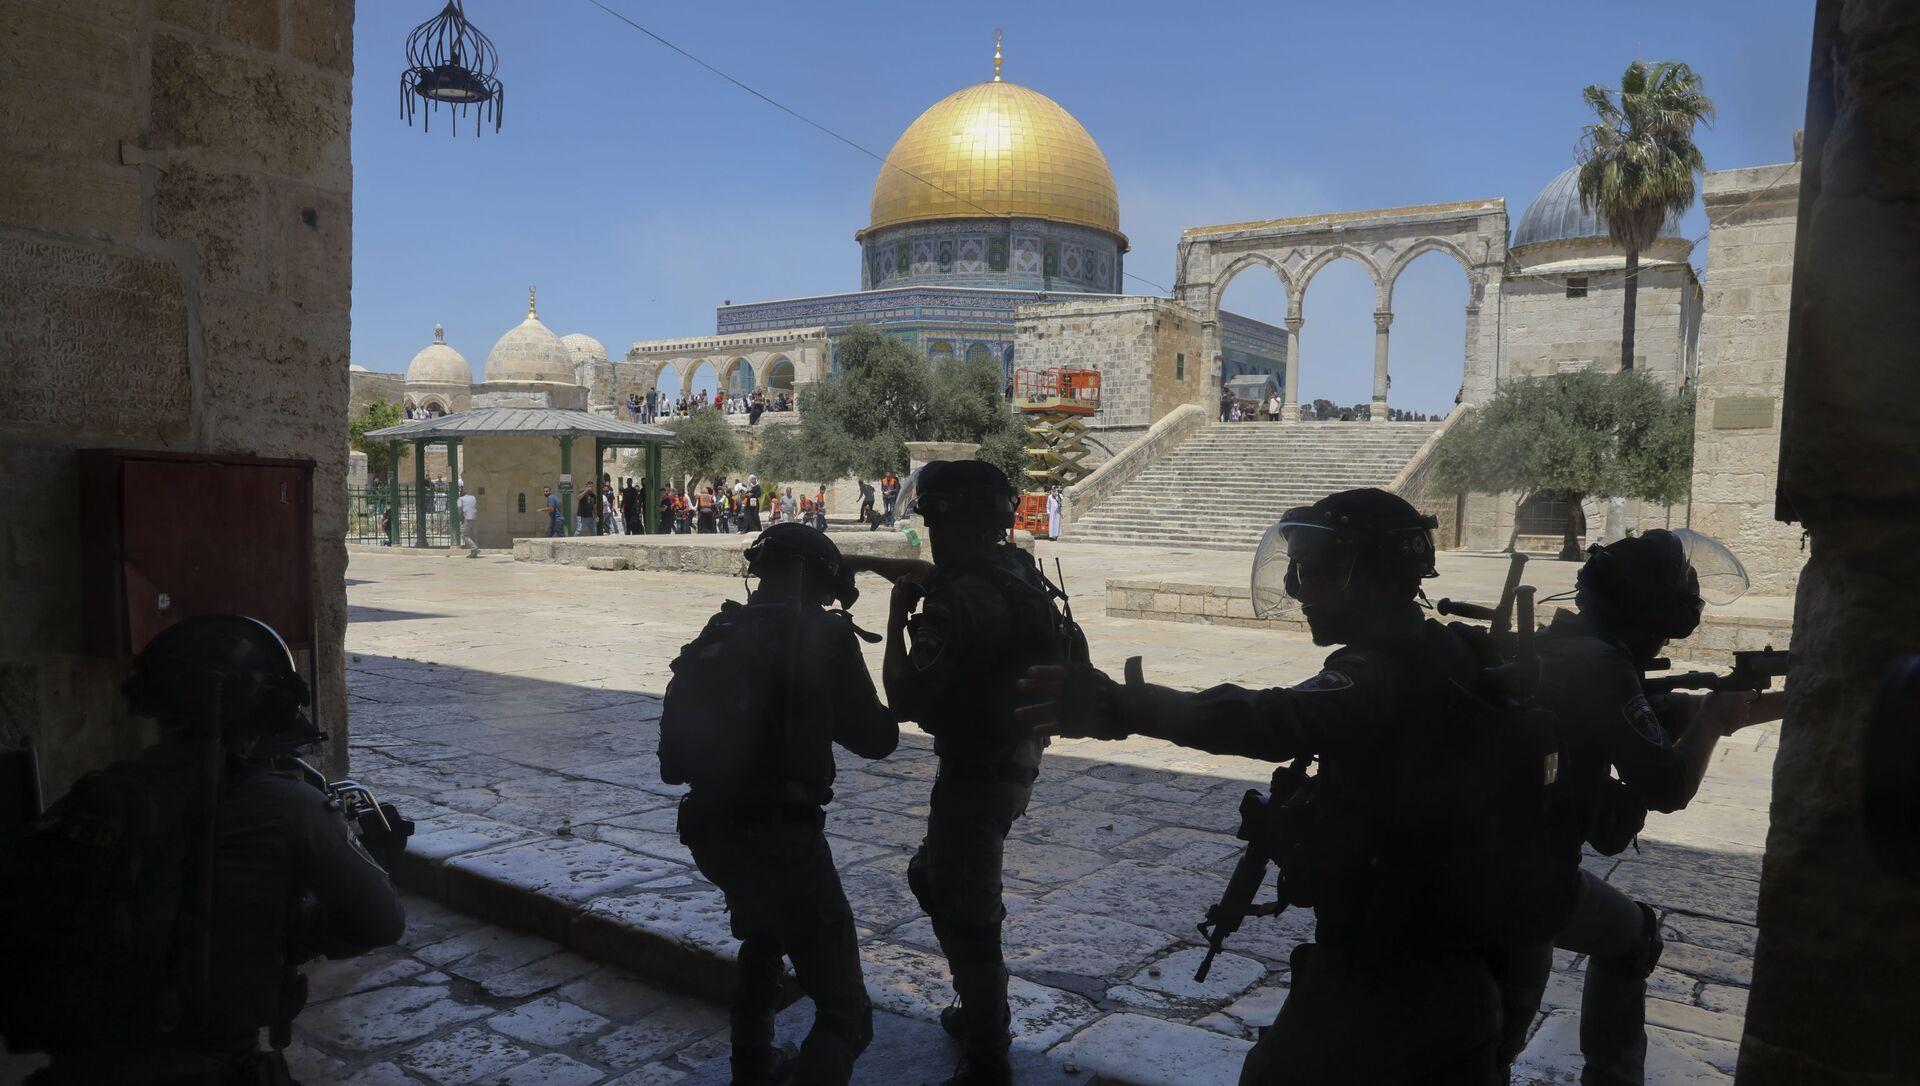 Sukob Palestinaca i izraelske policije kod džamije Al Aksa - Sputnik Srbija, 1920, 18.06.2021